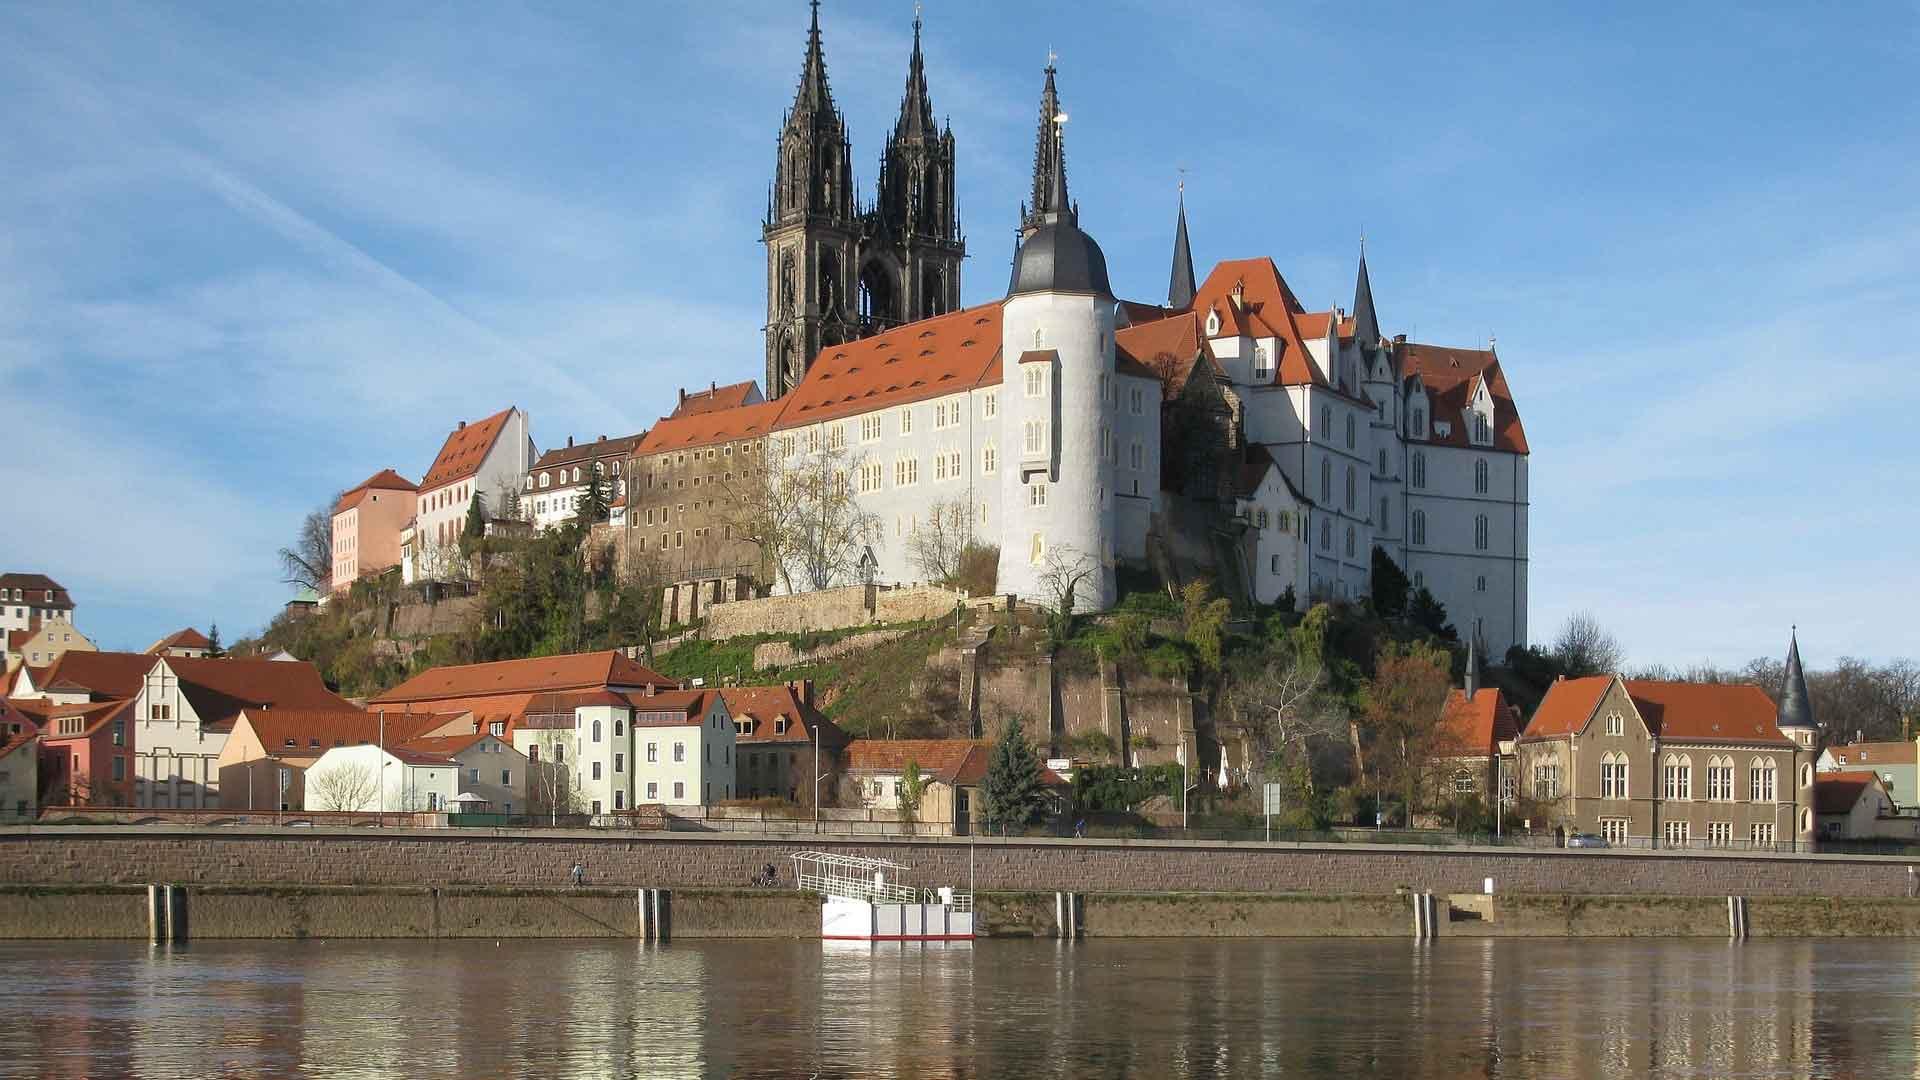 De Dom en de burcht van Meissen torenen hoog boven de Elbe uit.